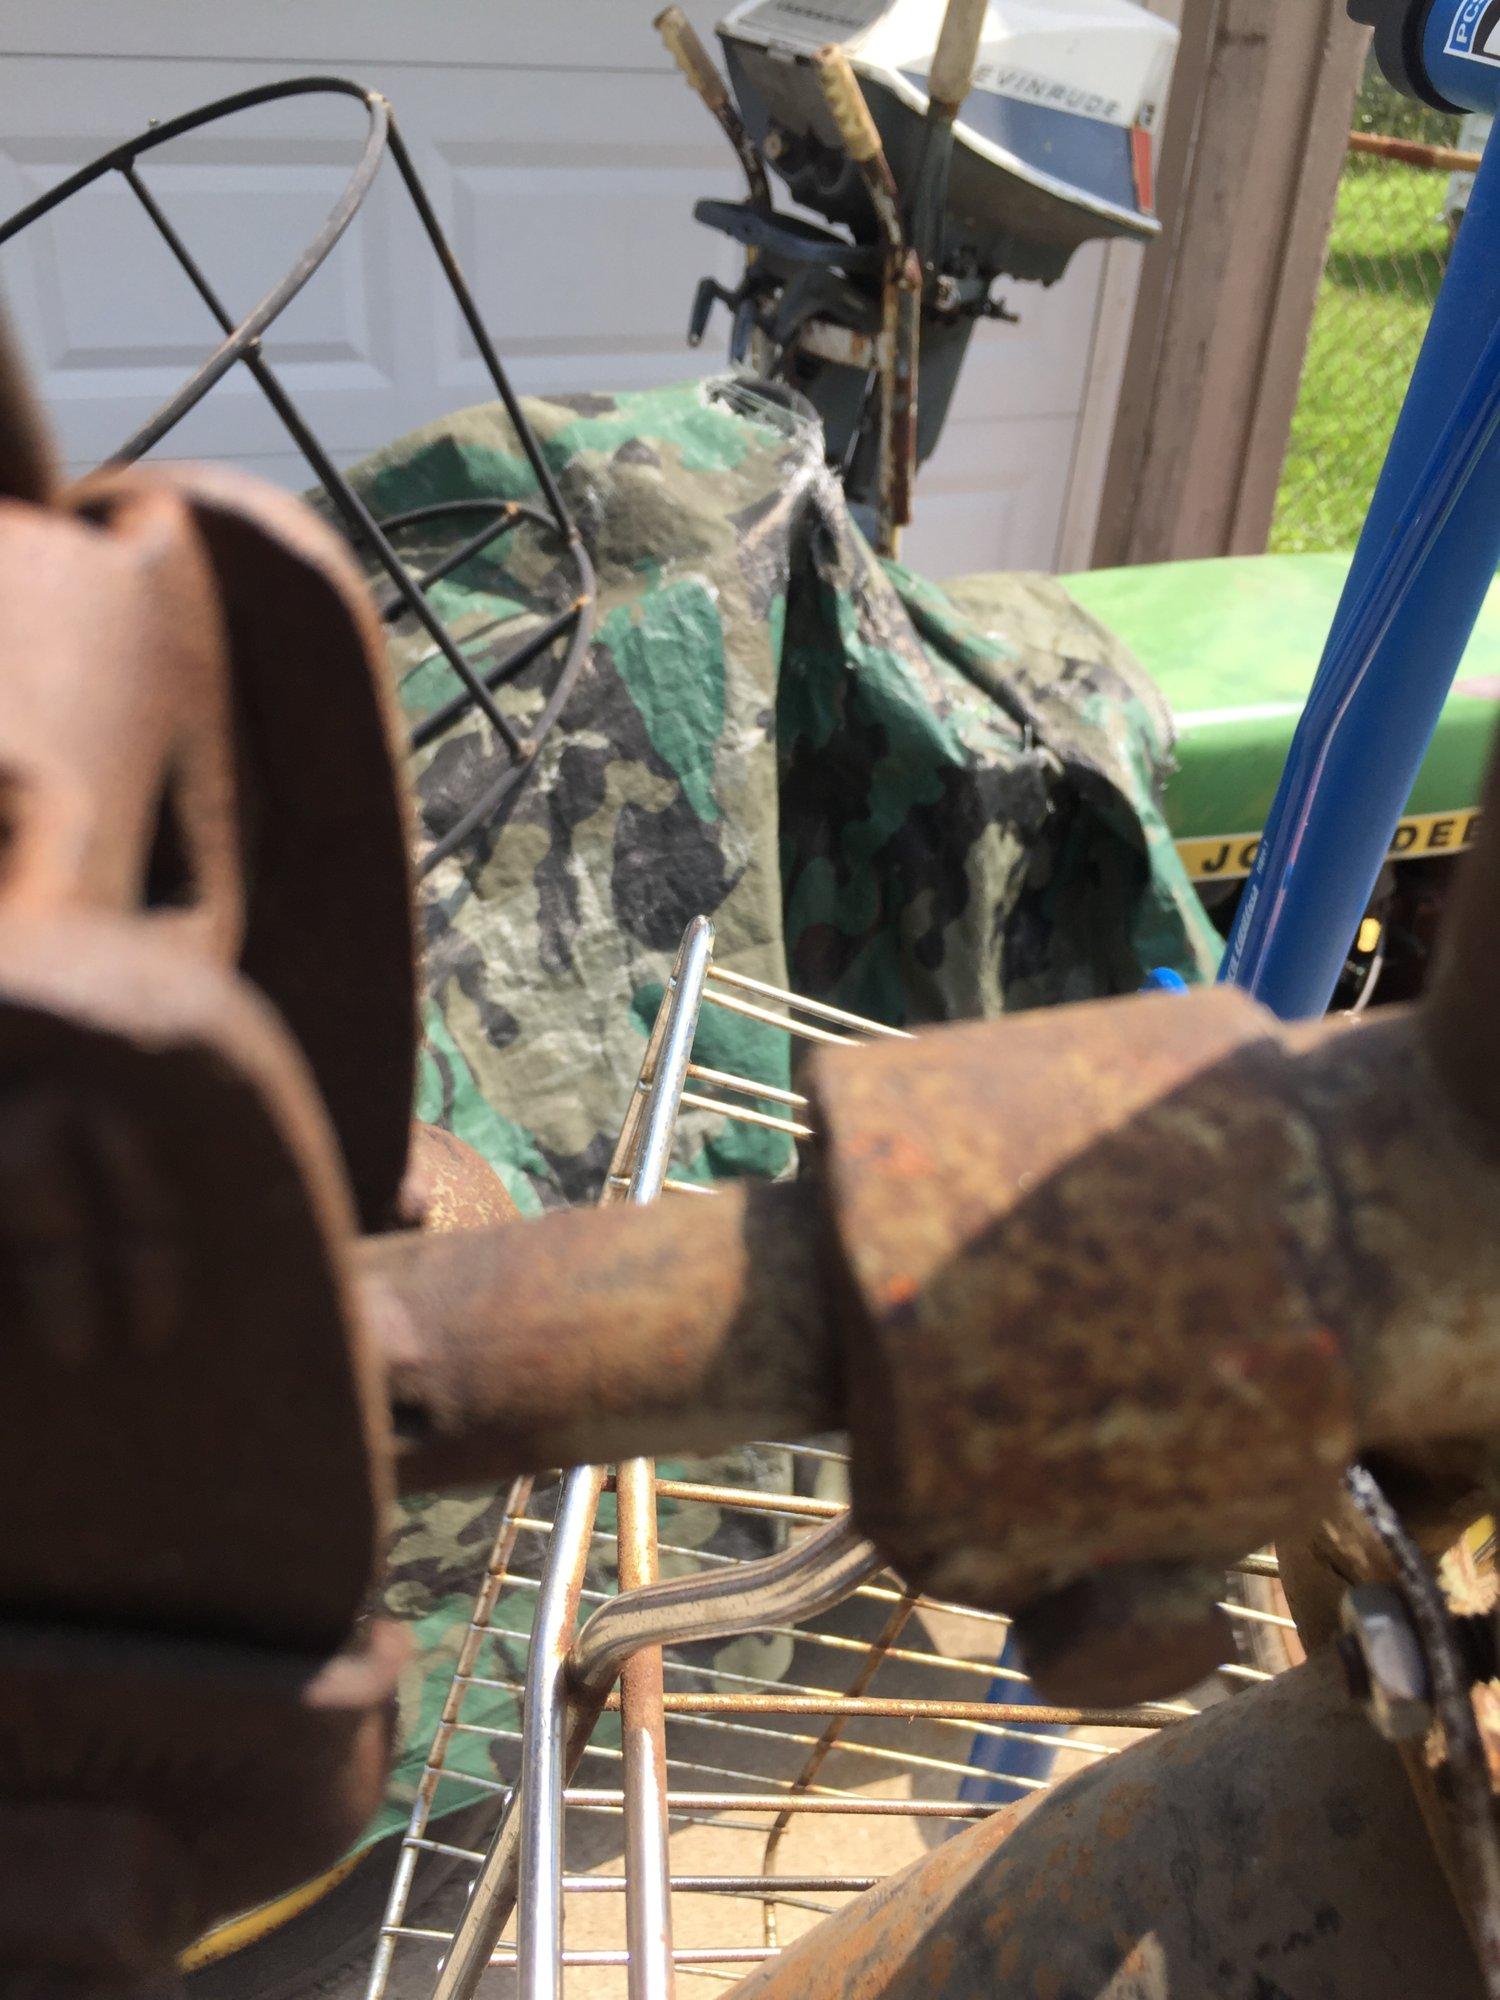 seatpost clamp.JPG